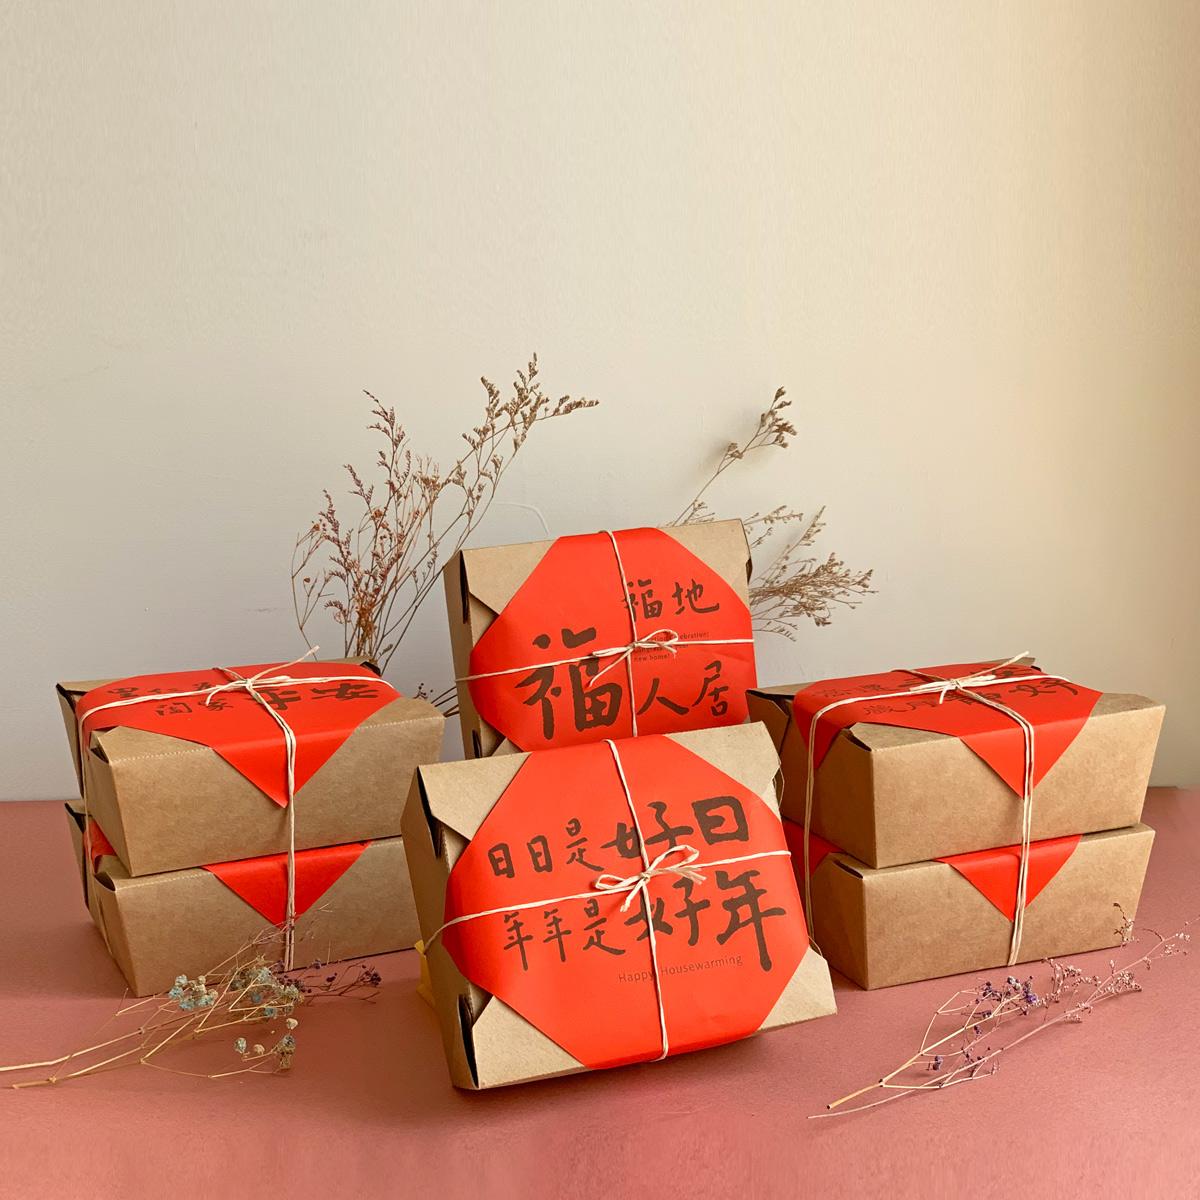 新居入厝禮物推薦|用米做的禮盒網友大推